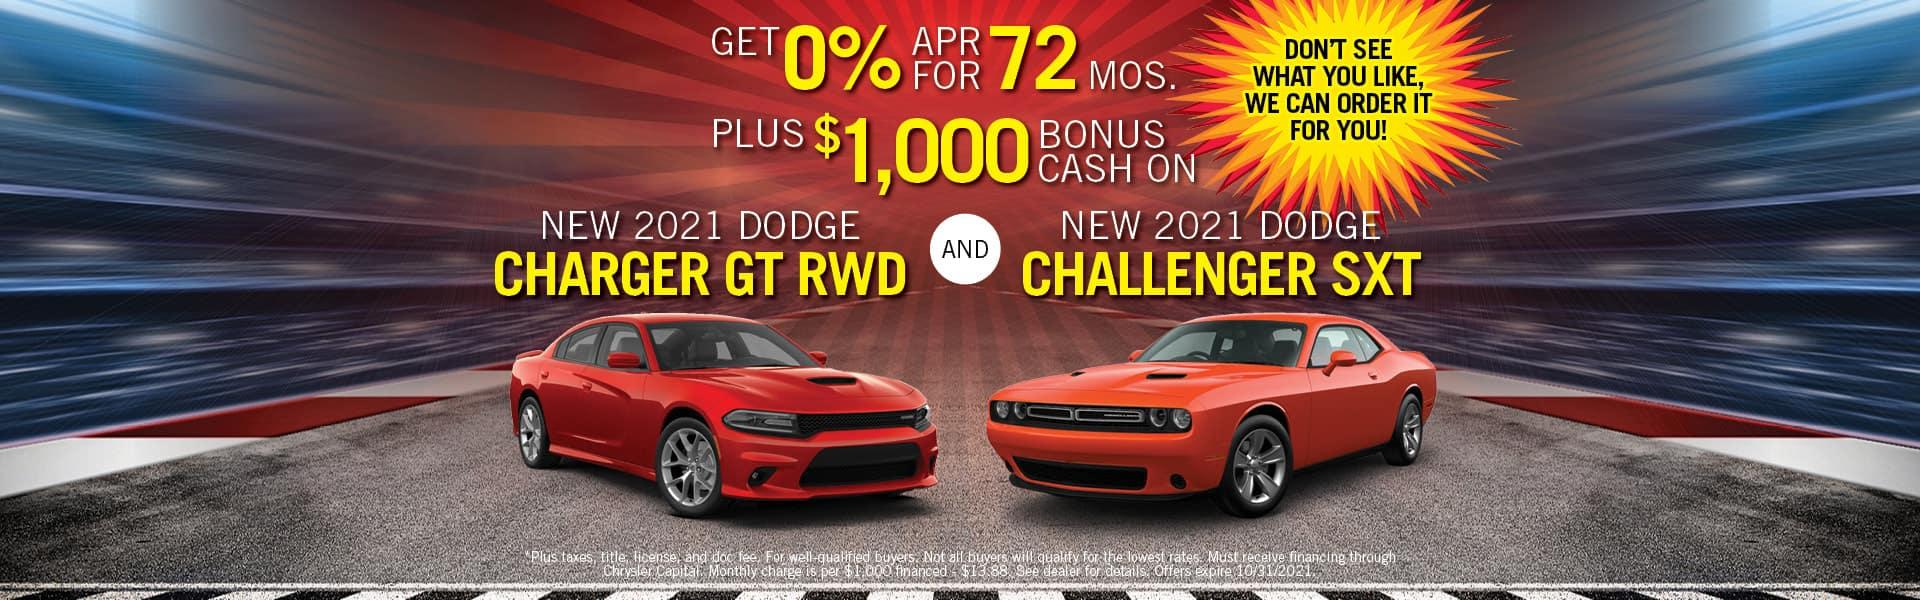 2021 Dodge Charger & Challenger Special Offers   Redlands CDJR